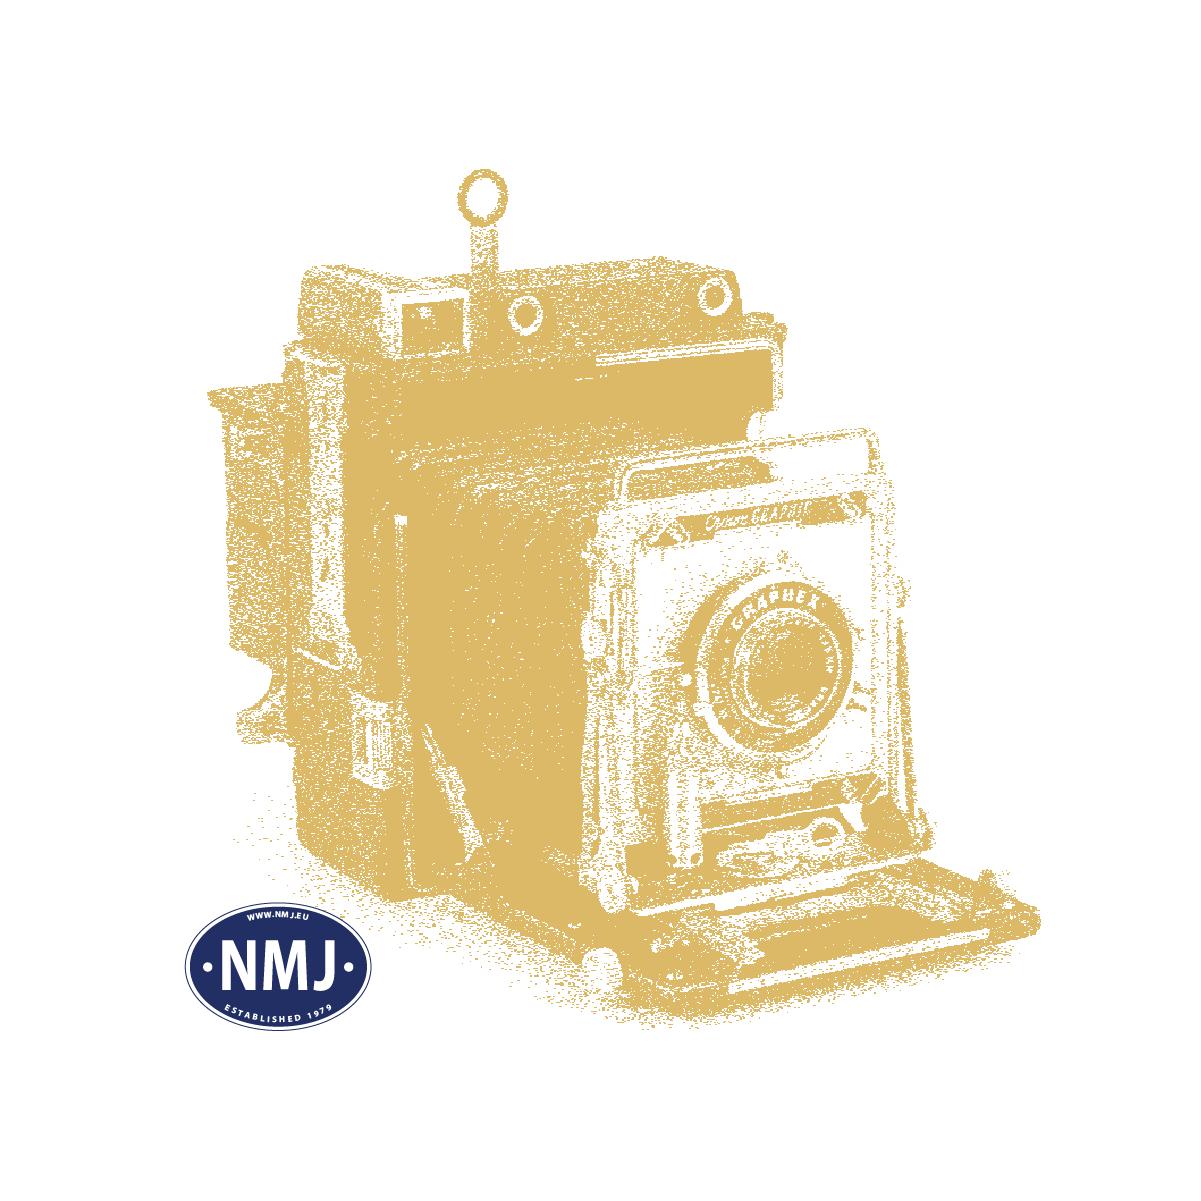 NMJT9939 - Sidevinduer for El11